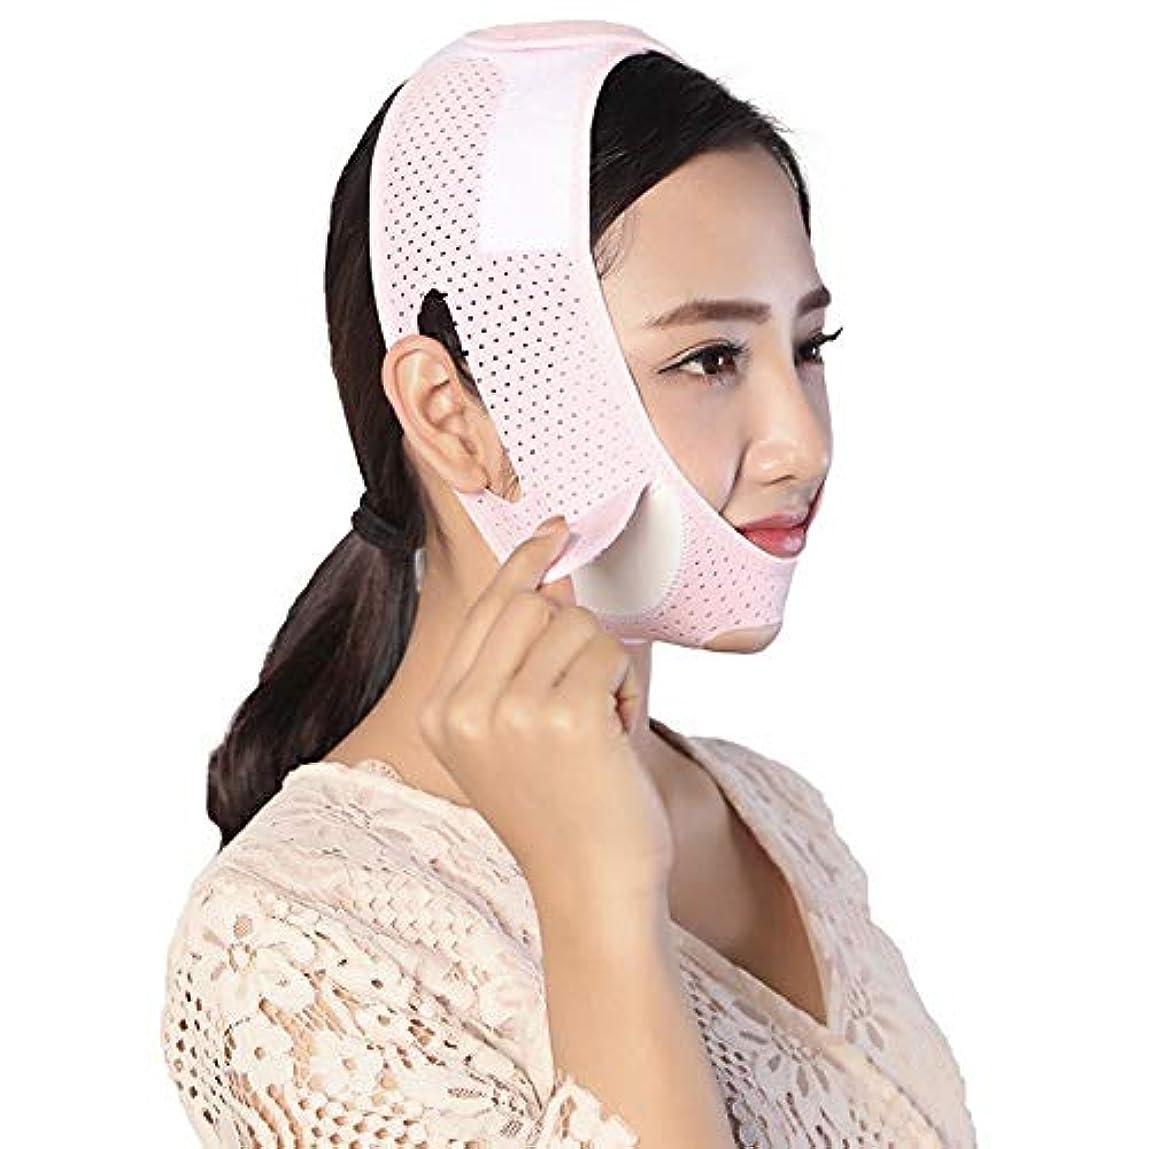 優勢深める抜け目がないJia Jia- フェイシャルリフティング痩身ベルト - 圧縮二重あご減量ベルトスキンケア薄い顔包帯 顔面包帯